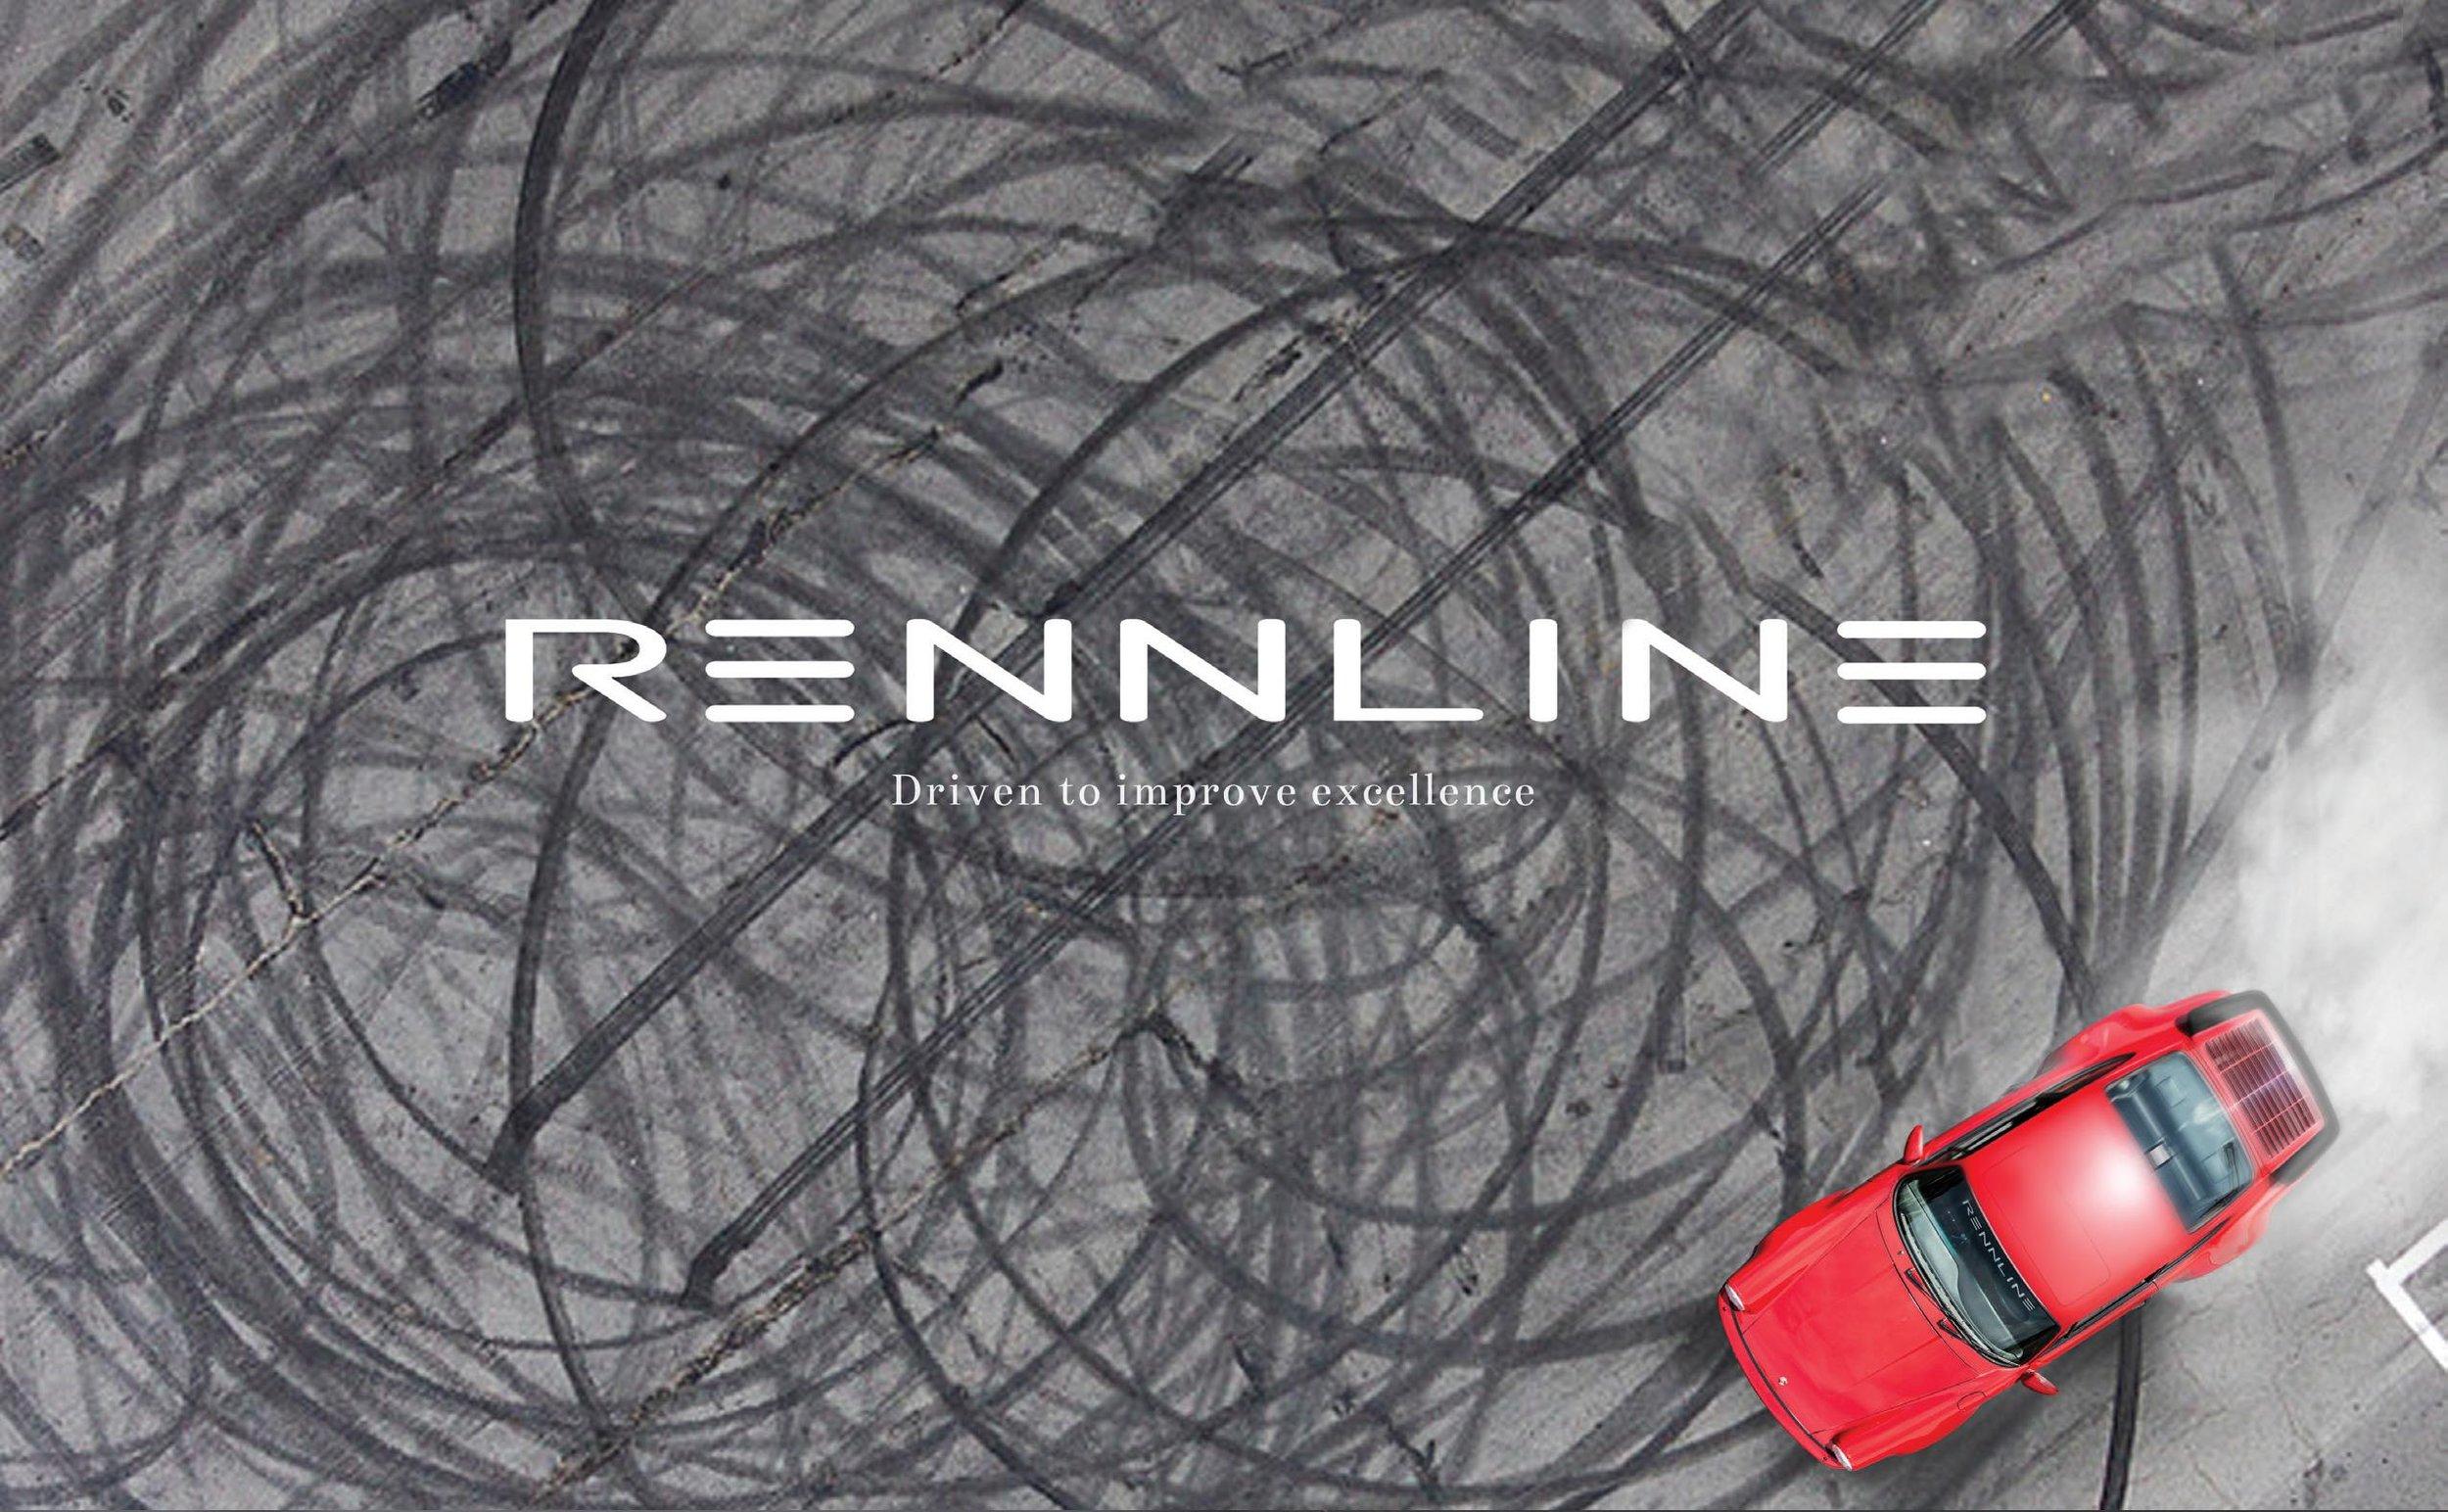 RENNLINE CATALOGJan18Rev_1-1.jpg